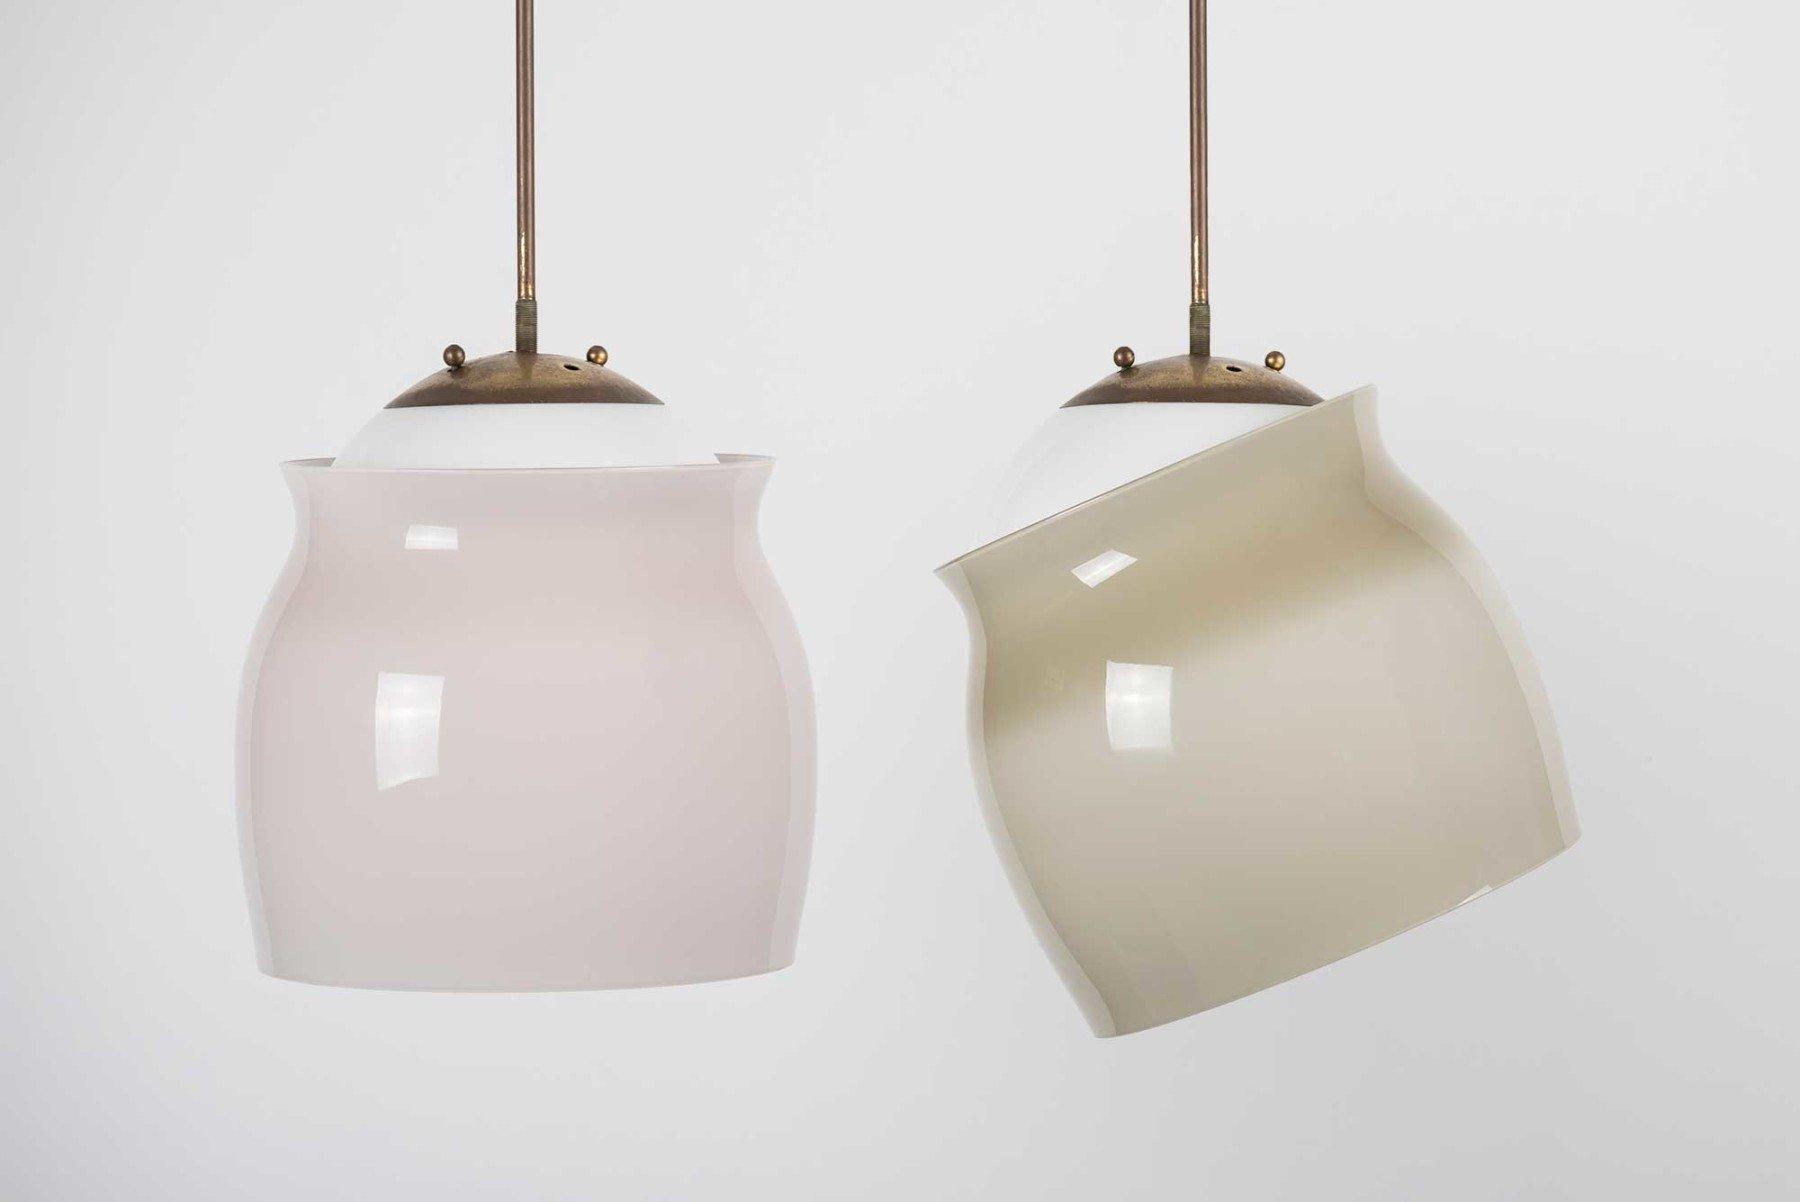 Franco Albini     Ceiling light model 4023